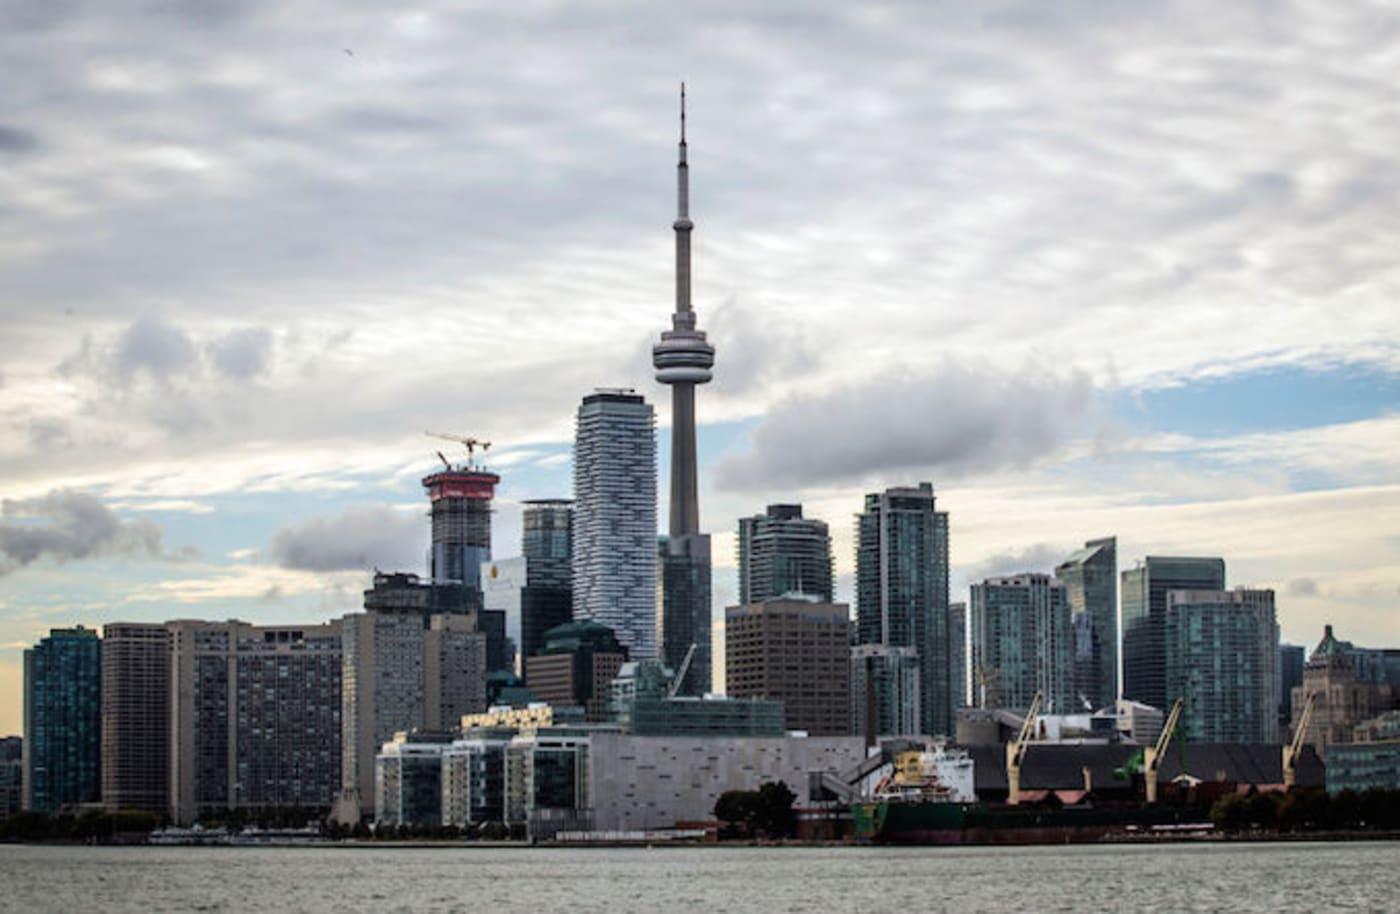 Toronto van incident